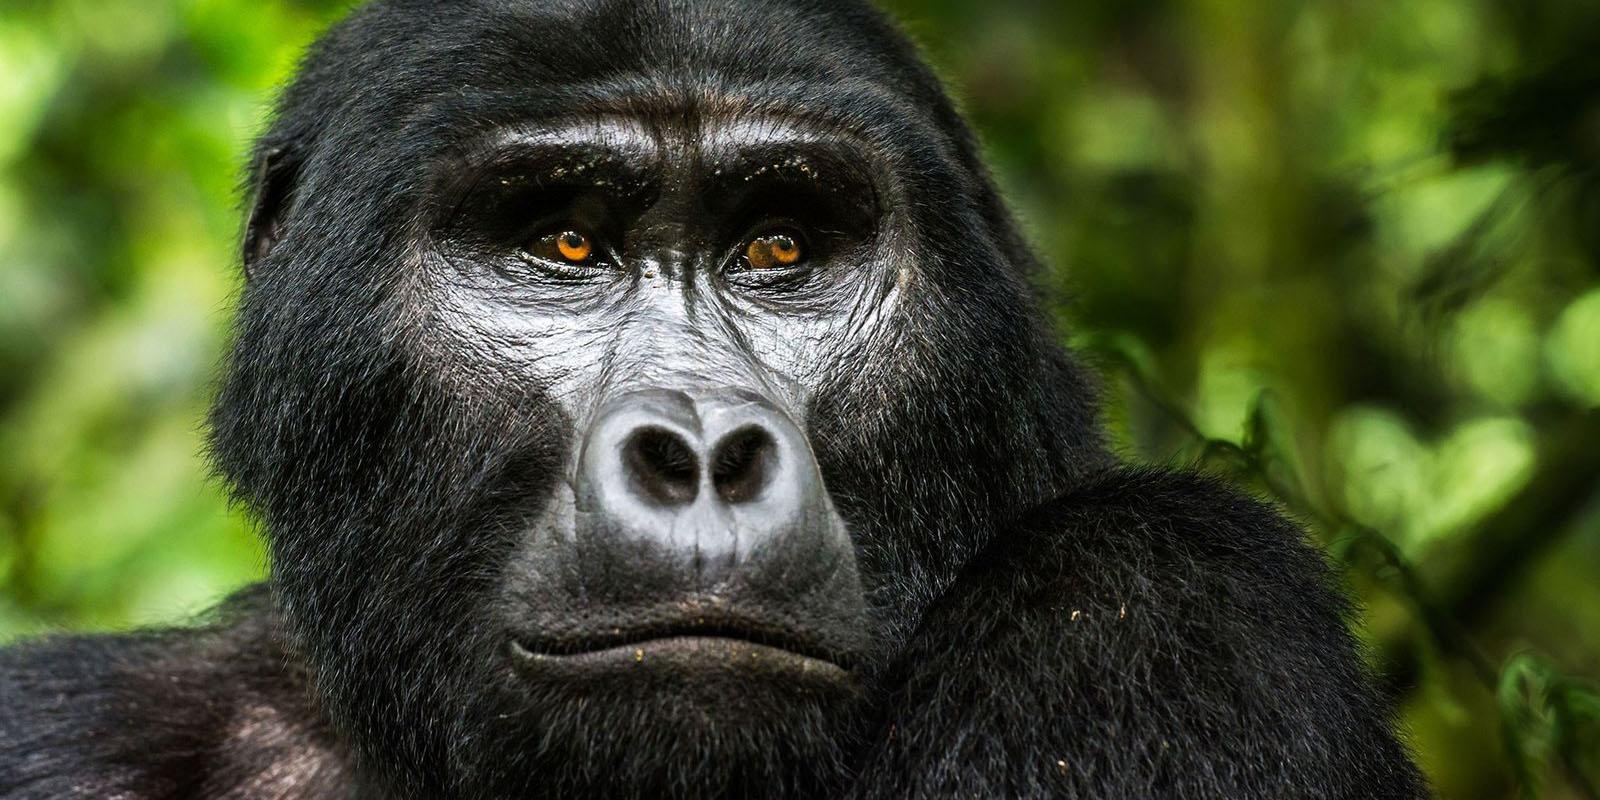 Uganda gorilla trekking company